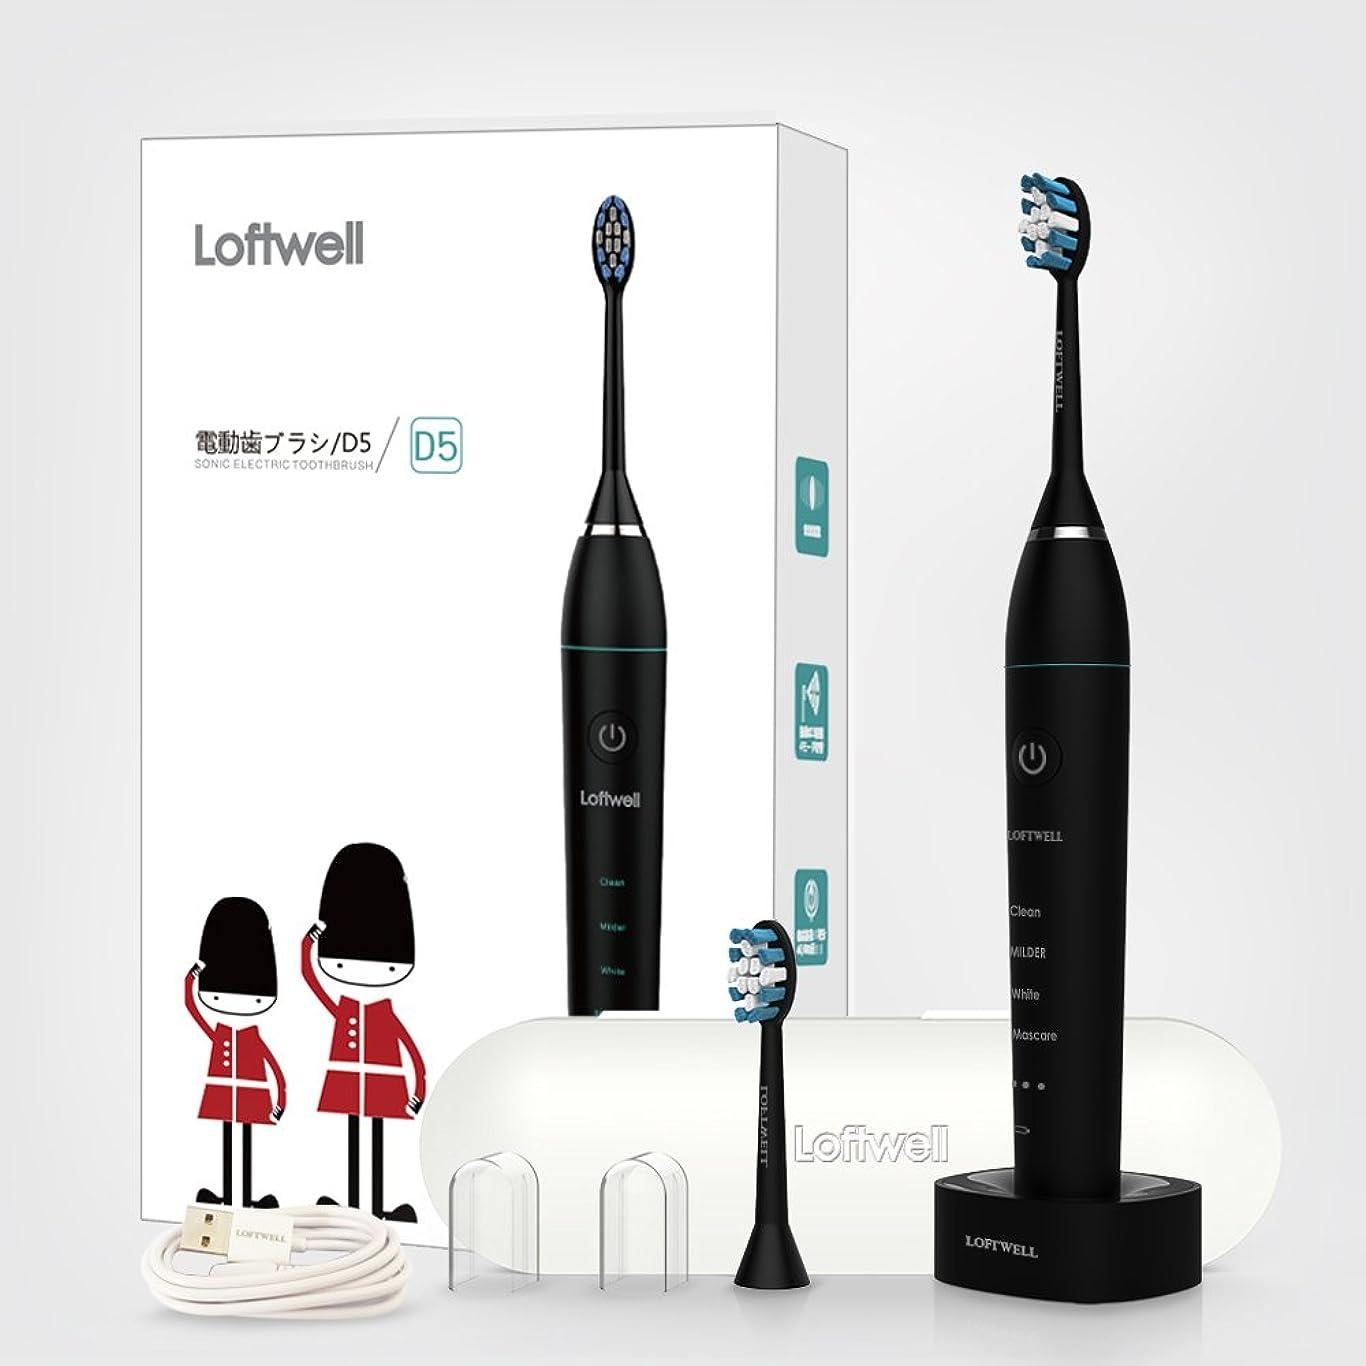 うがい眼仮説loftwell 電動歯ブラシ 超音波振動歯ブラシ 4モード 各モードの振動が3段階調節可 音波歯ブラシ 充電式 替えブラシ2本 舌ブラシ ラベルケース付き D5 ブラック (ブラック)